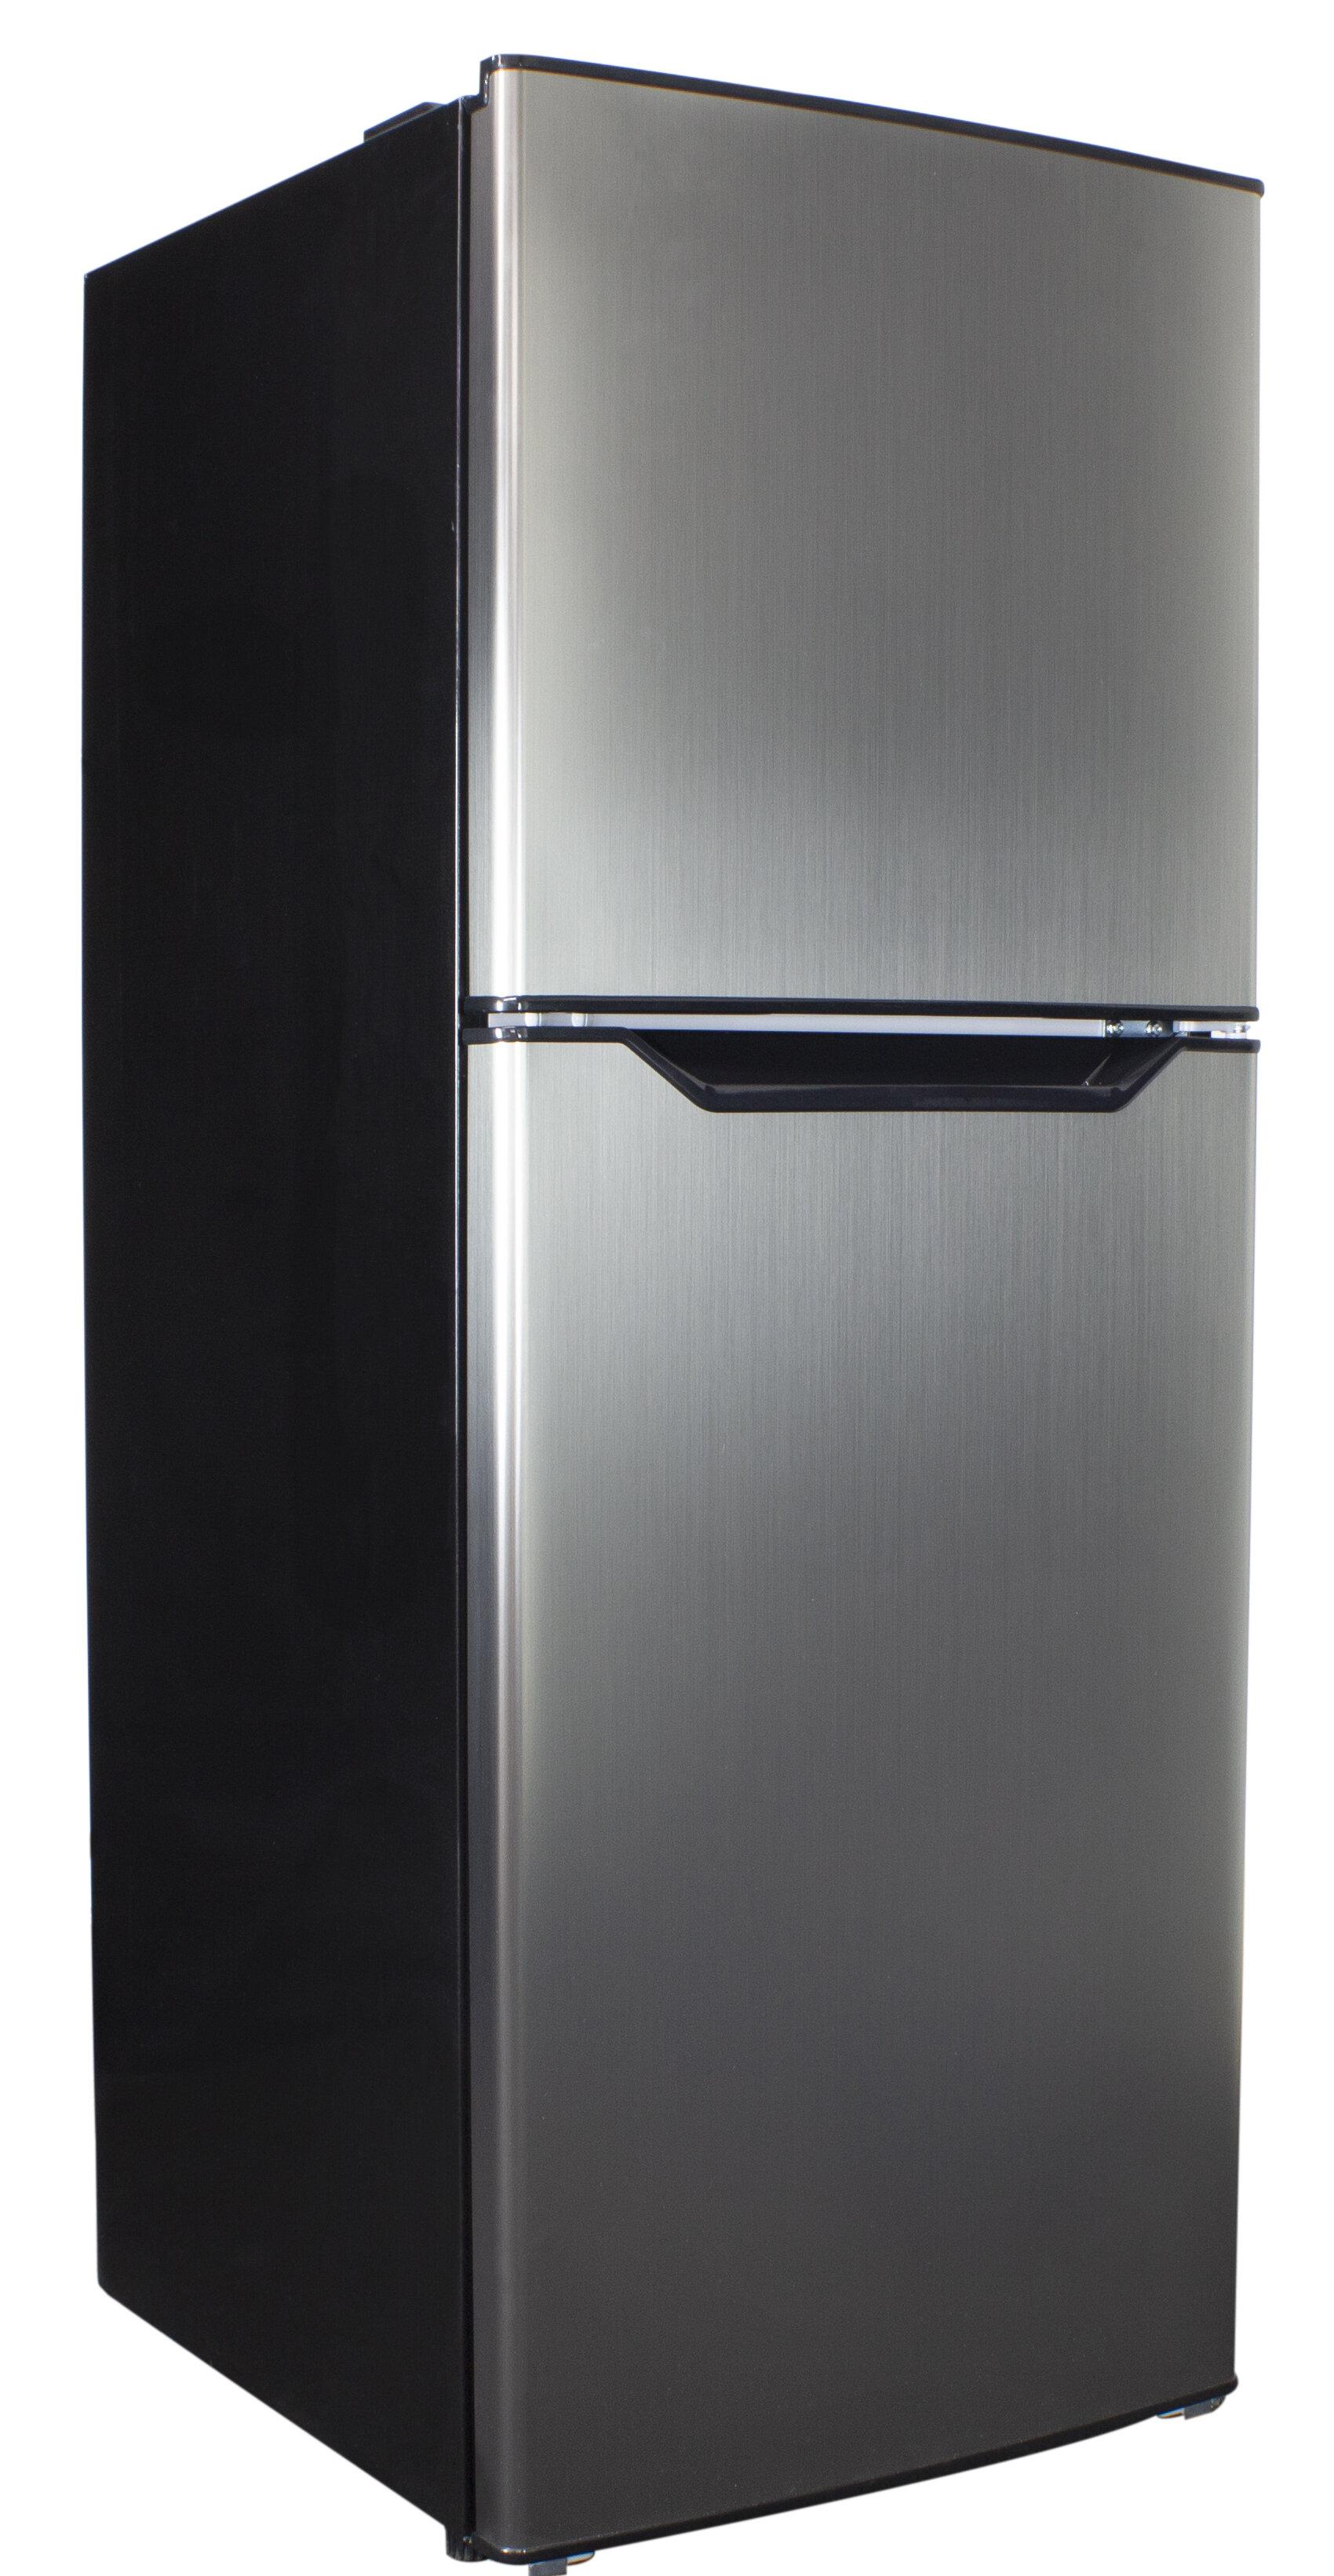 Danby Apartment Size 21 Top Freezer 7 Cu Ft Refrigerator Reviews Wayfair